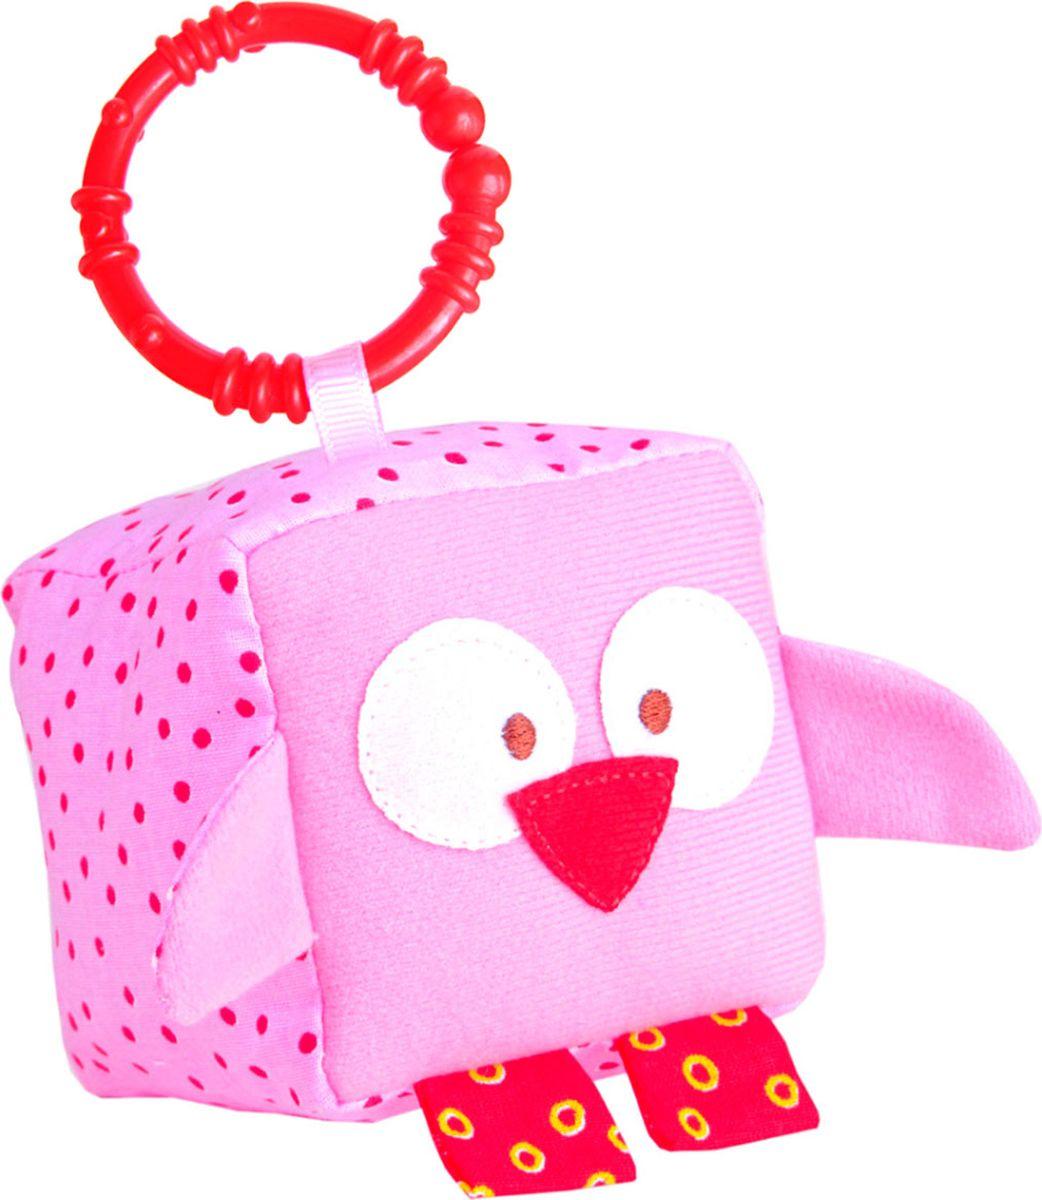 Мякиши Развивающая игрушка Кубик ЗооМякиши Совенок чтение про себя у школьников с особенностями зрительного восприятия